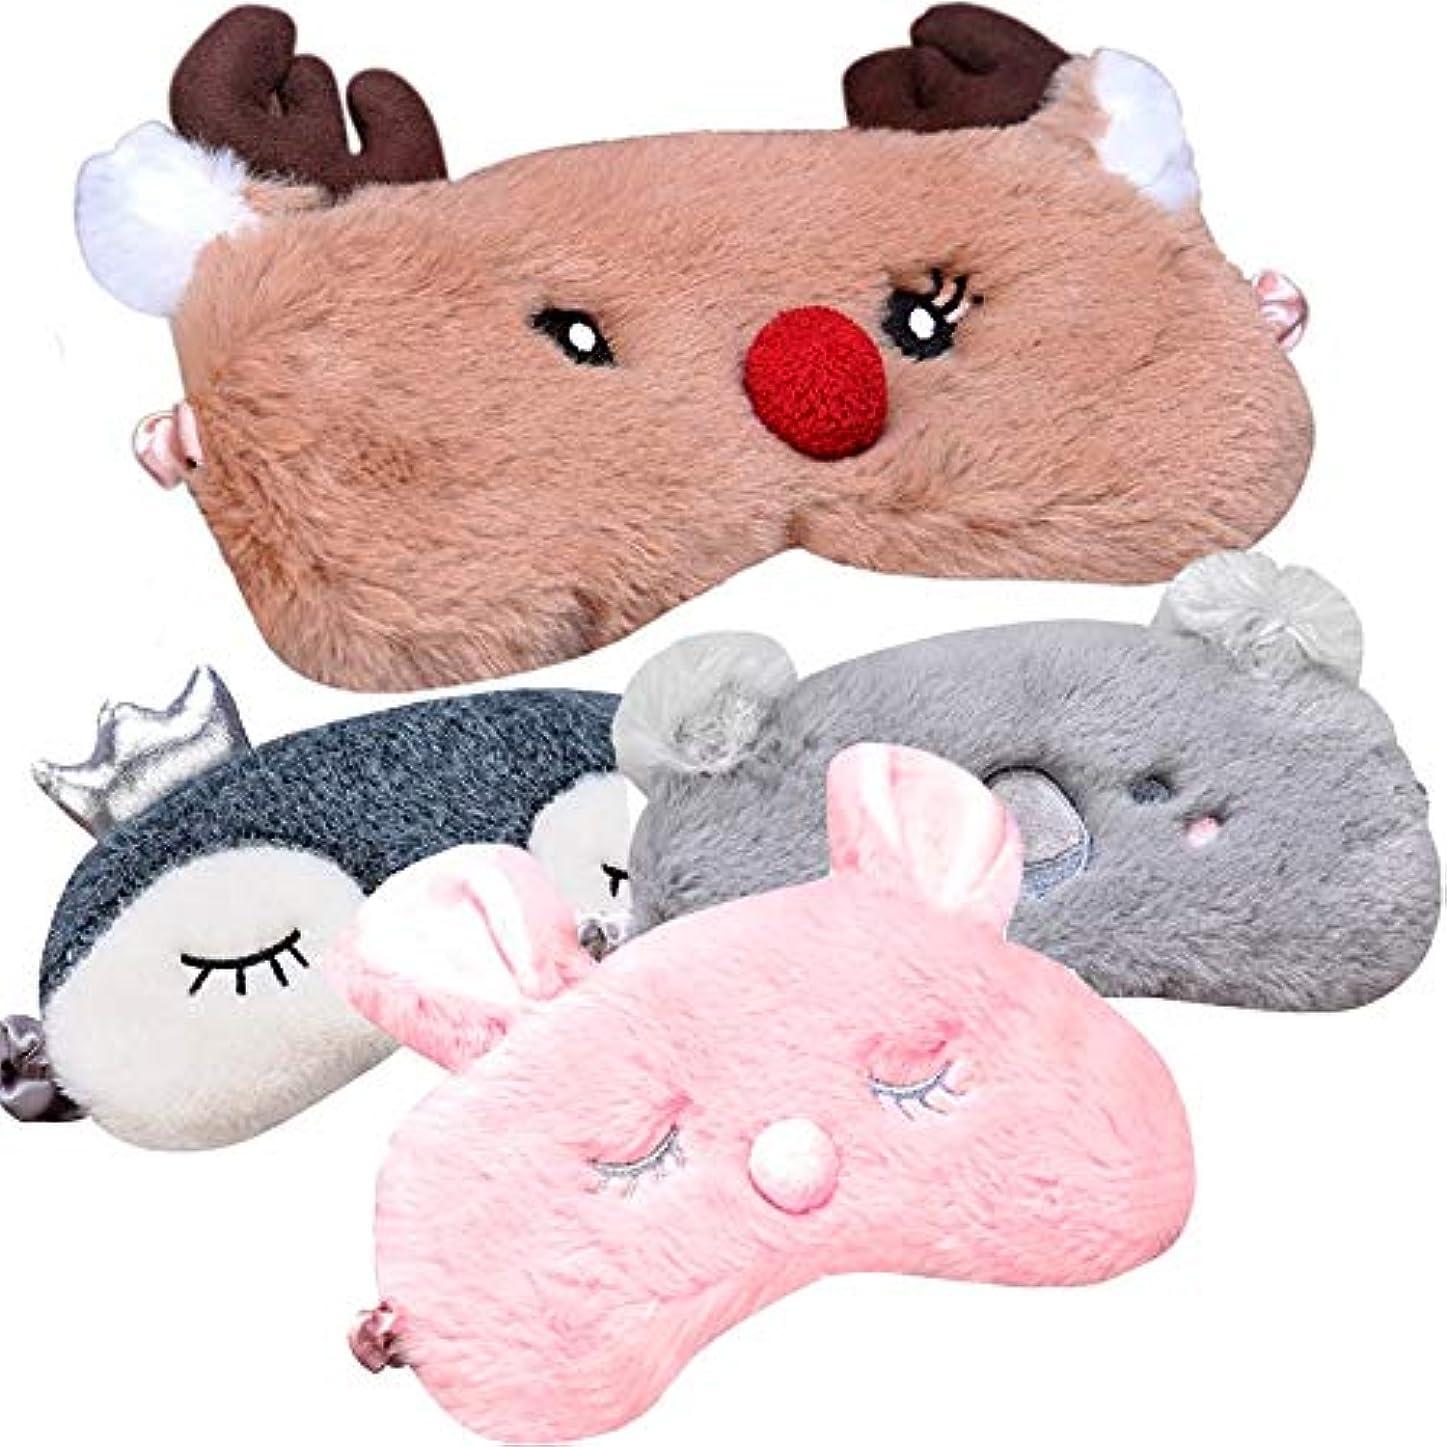 カート汚すずるい注冬の昼寝漫画ぬいぐるみマスク包帯用睡眠目シェード睡眠マスクカットコアラカバーアイパッチ包帯クリスマスギフト